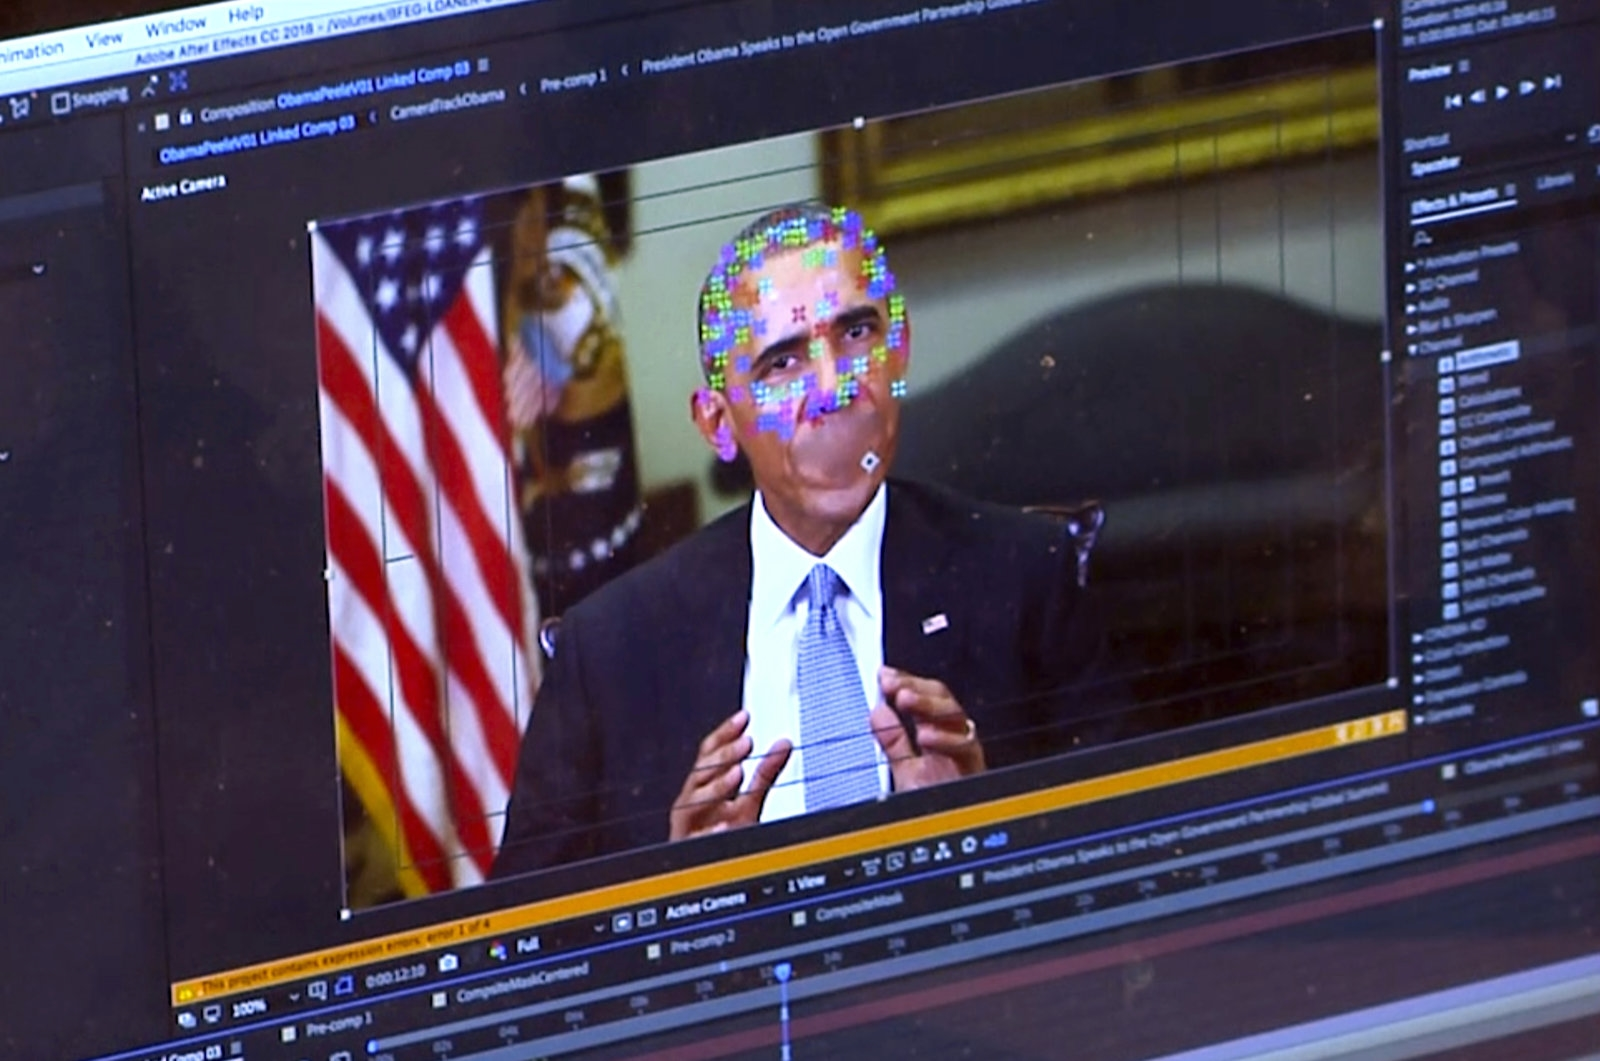 California cracks down on political and pornographic deepfakes | DeviceDaily.com